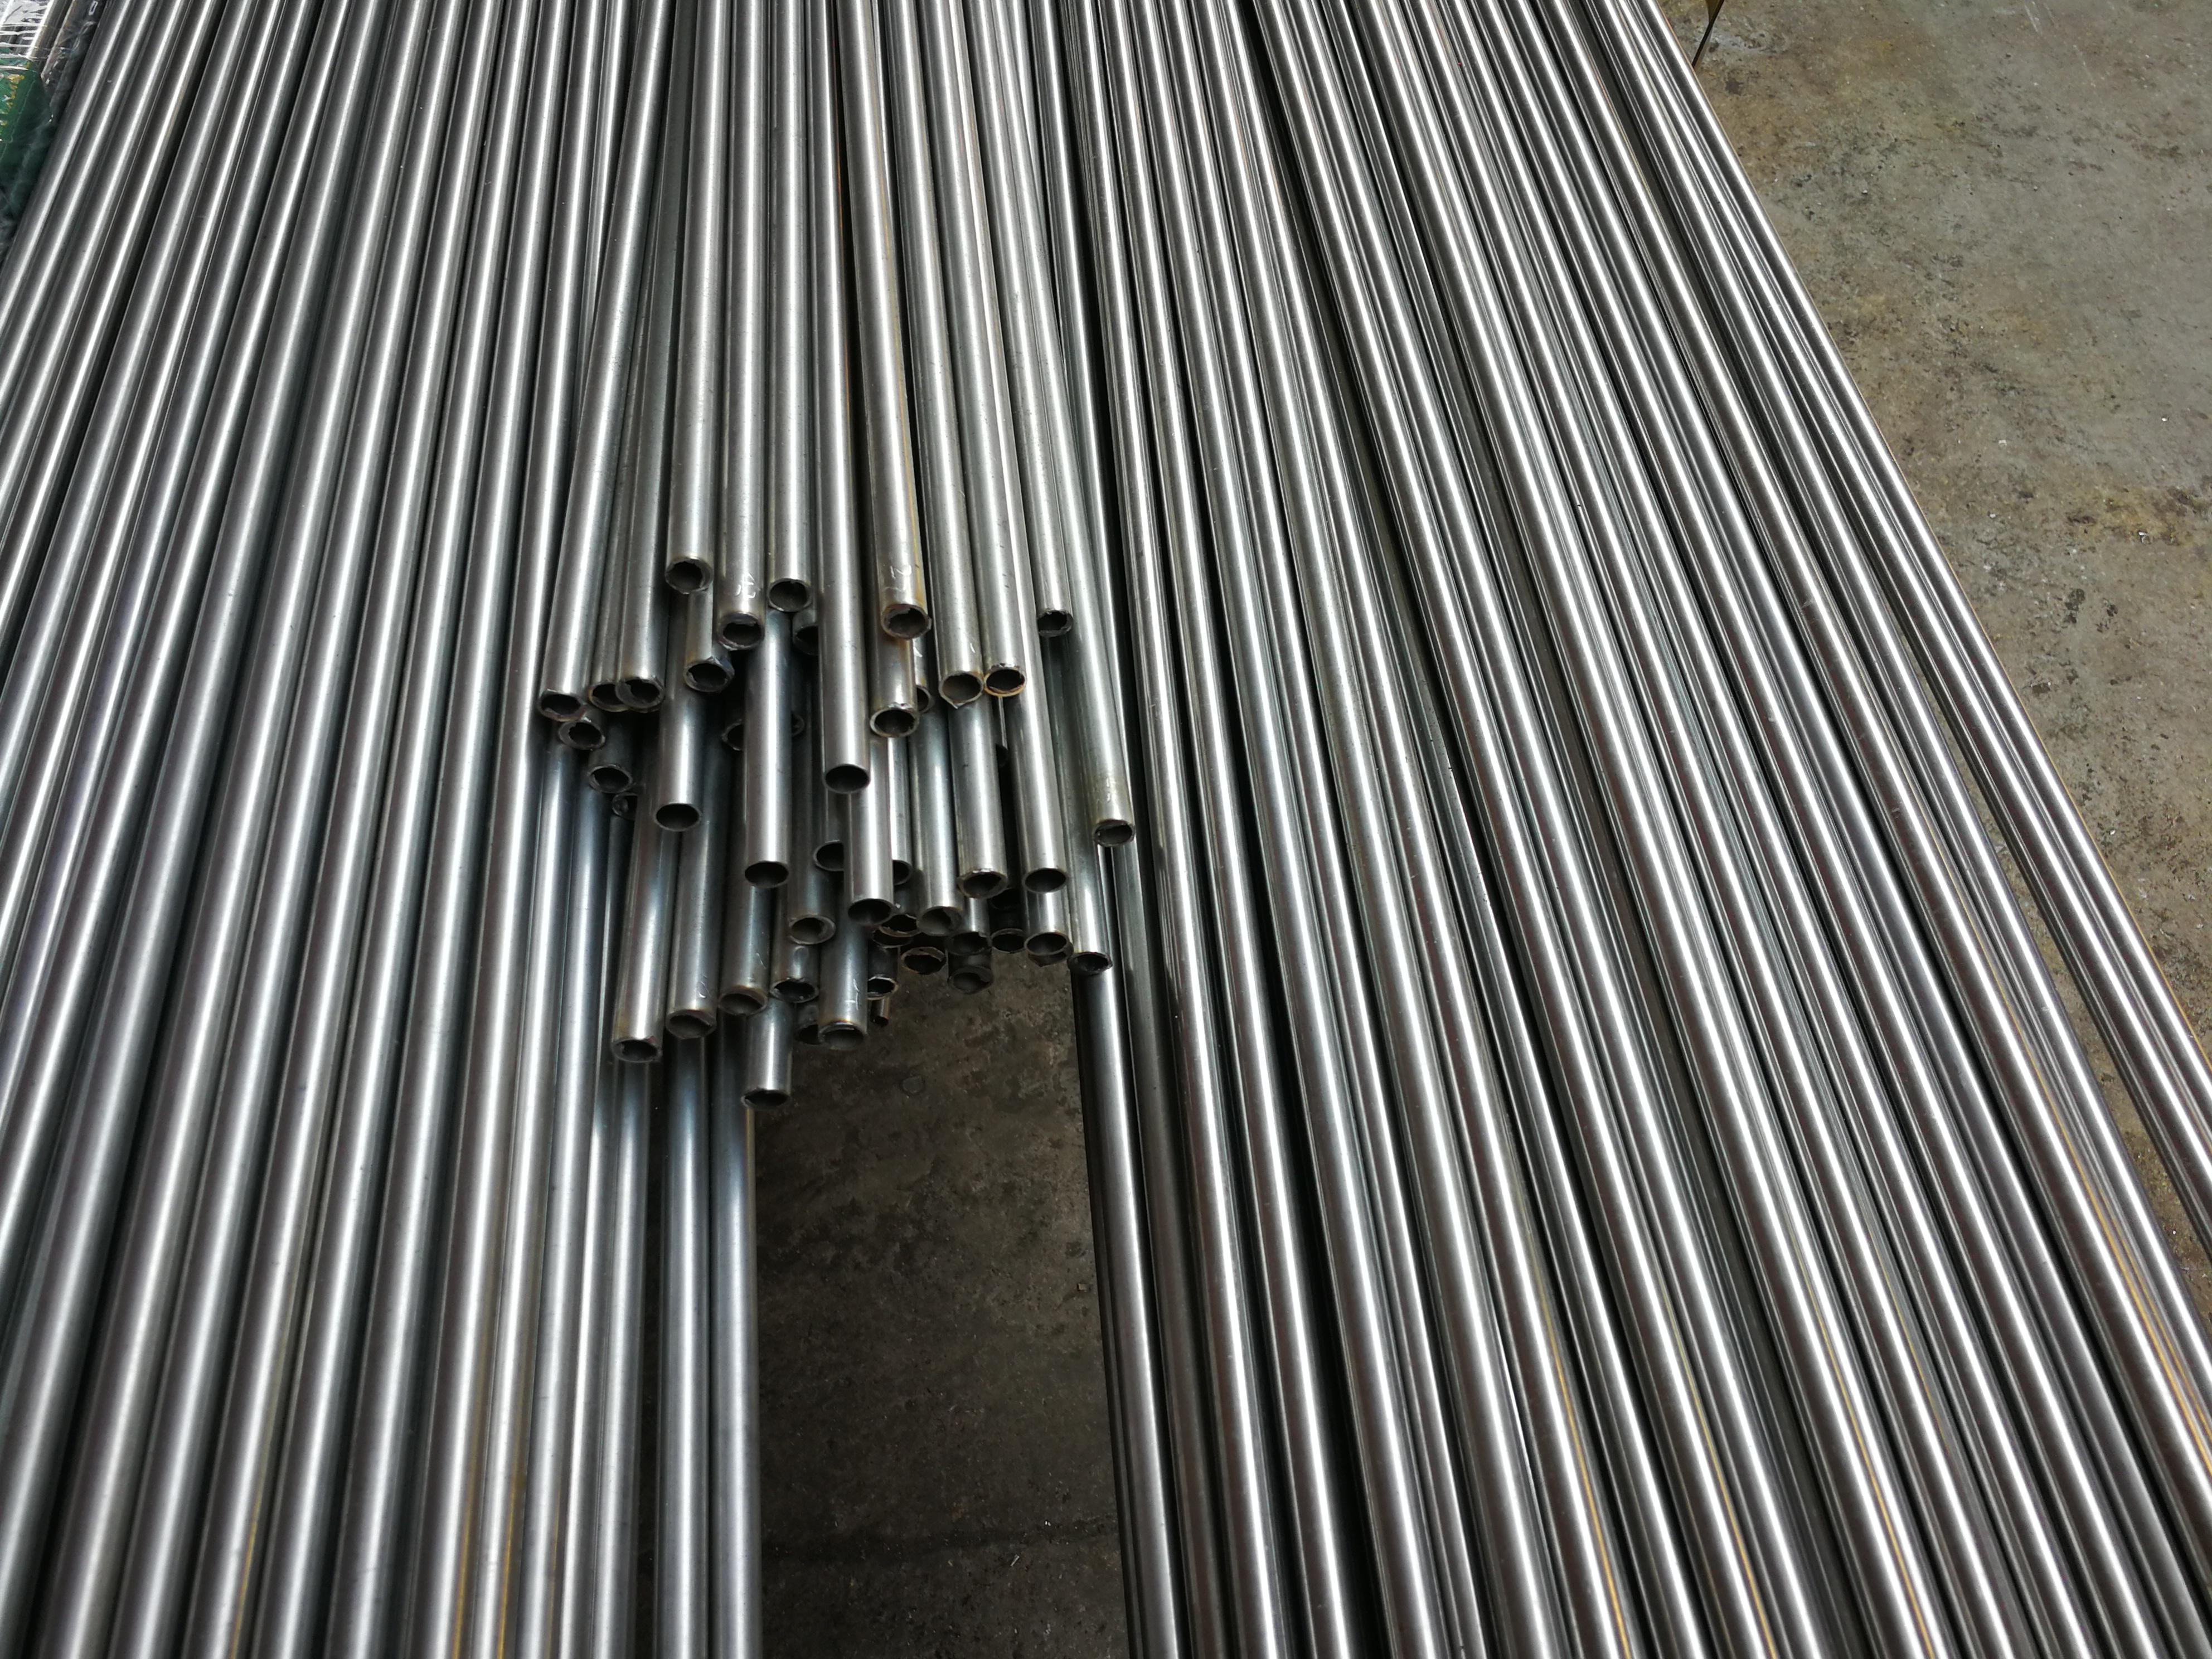 9.5*0.3精密不锈钢管316材质主要作耐点蚀材料用于海水(图3)